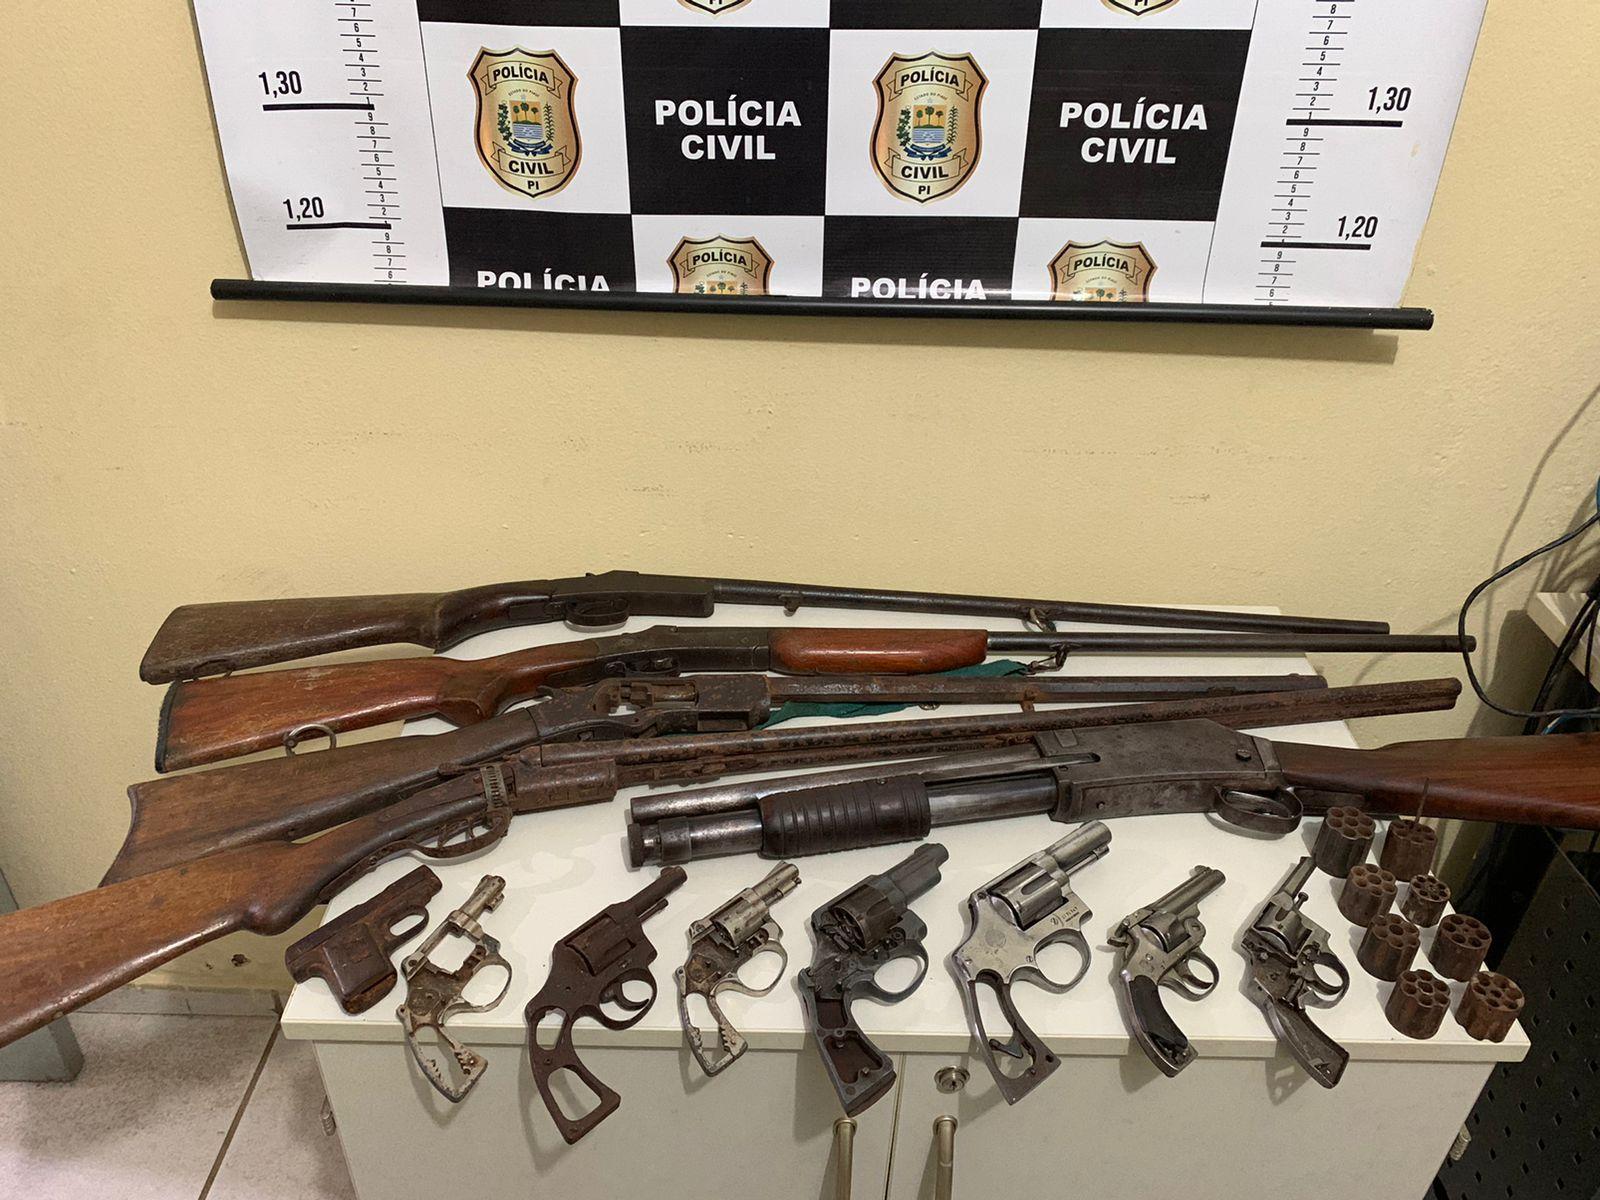 13 armas de fogo são apreendidas em residência na cidade de Picos